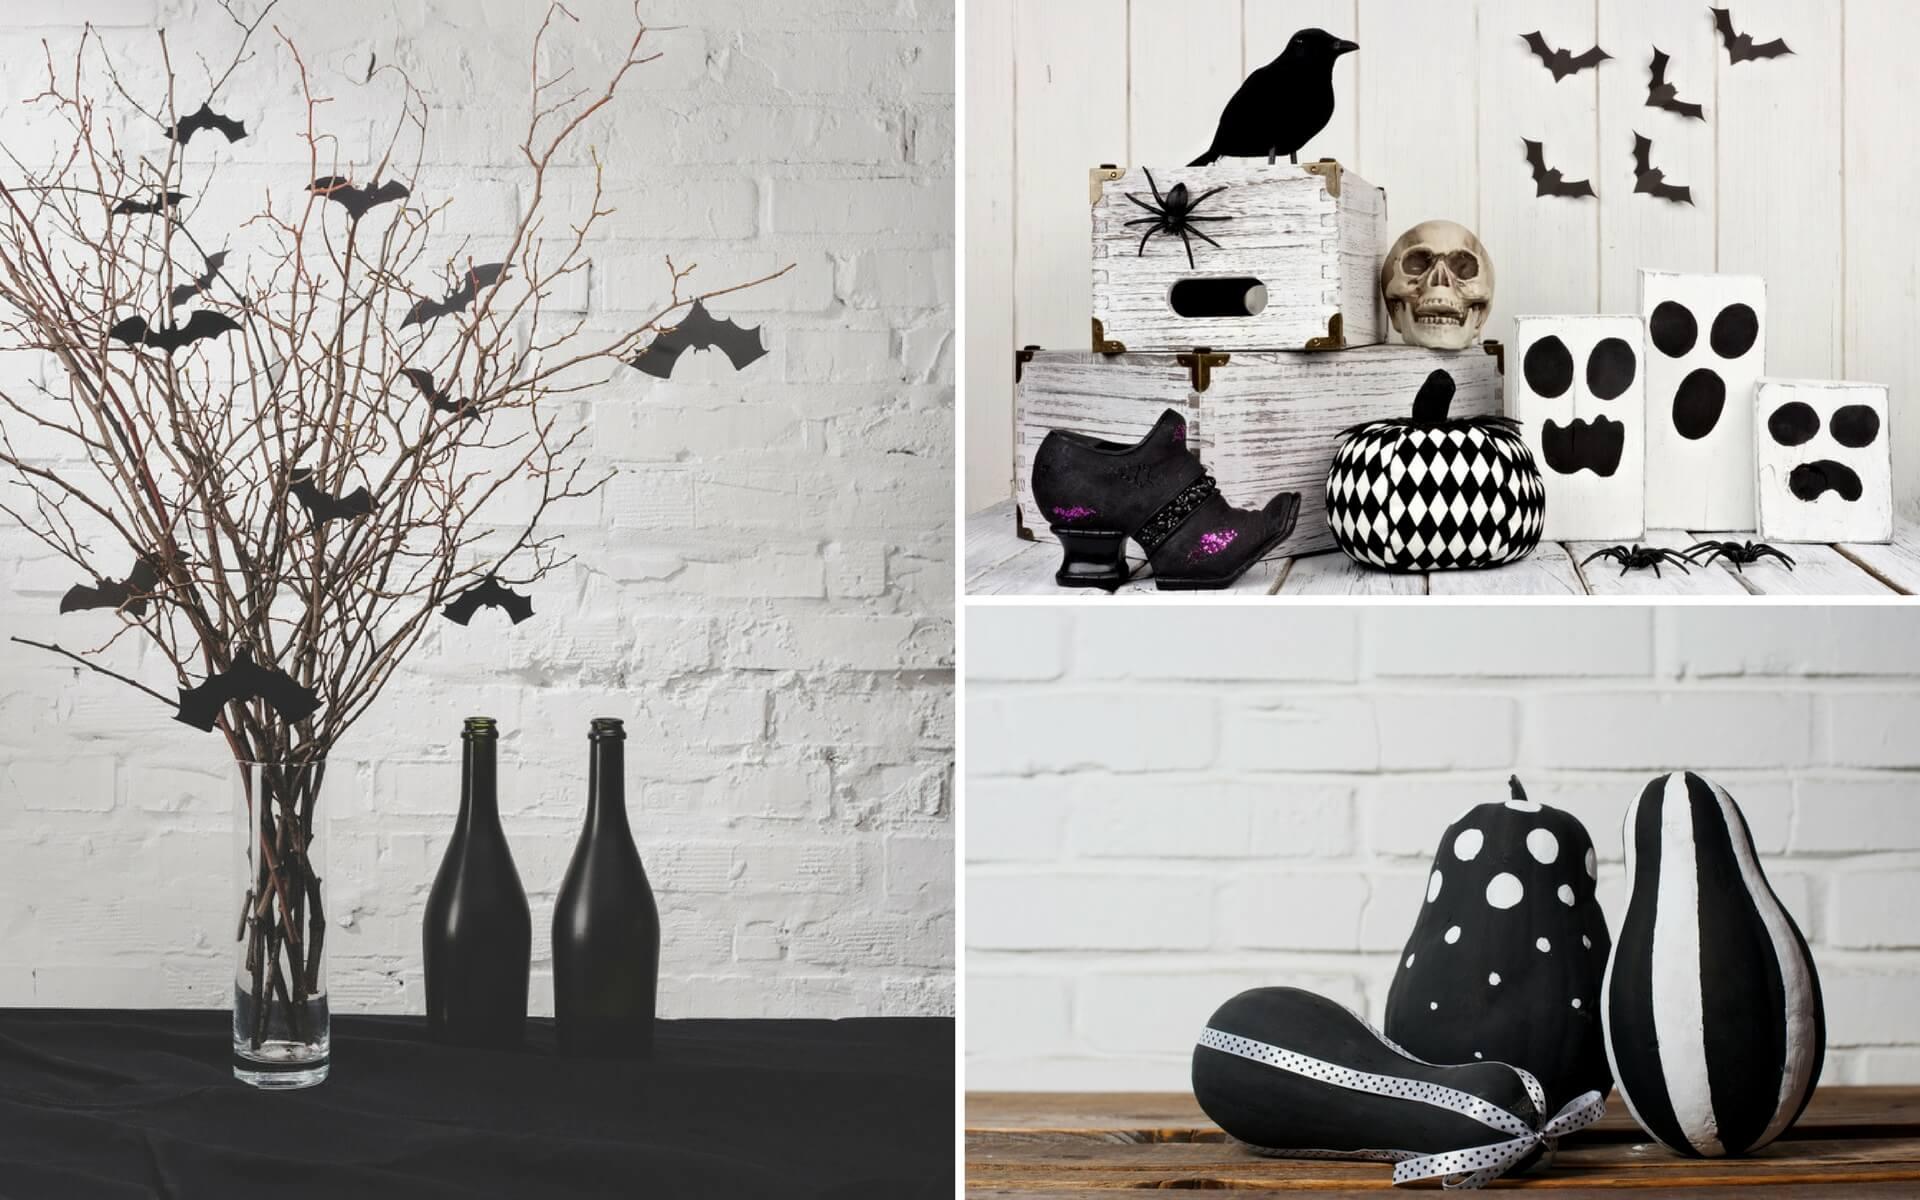 Idee per realizzare decorazioni e addobbi di Halloween in bianco e nero